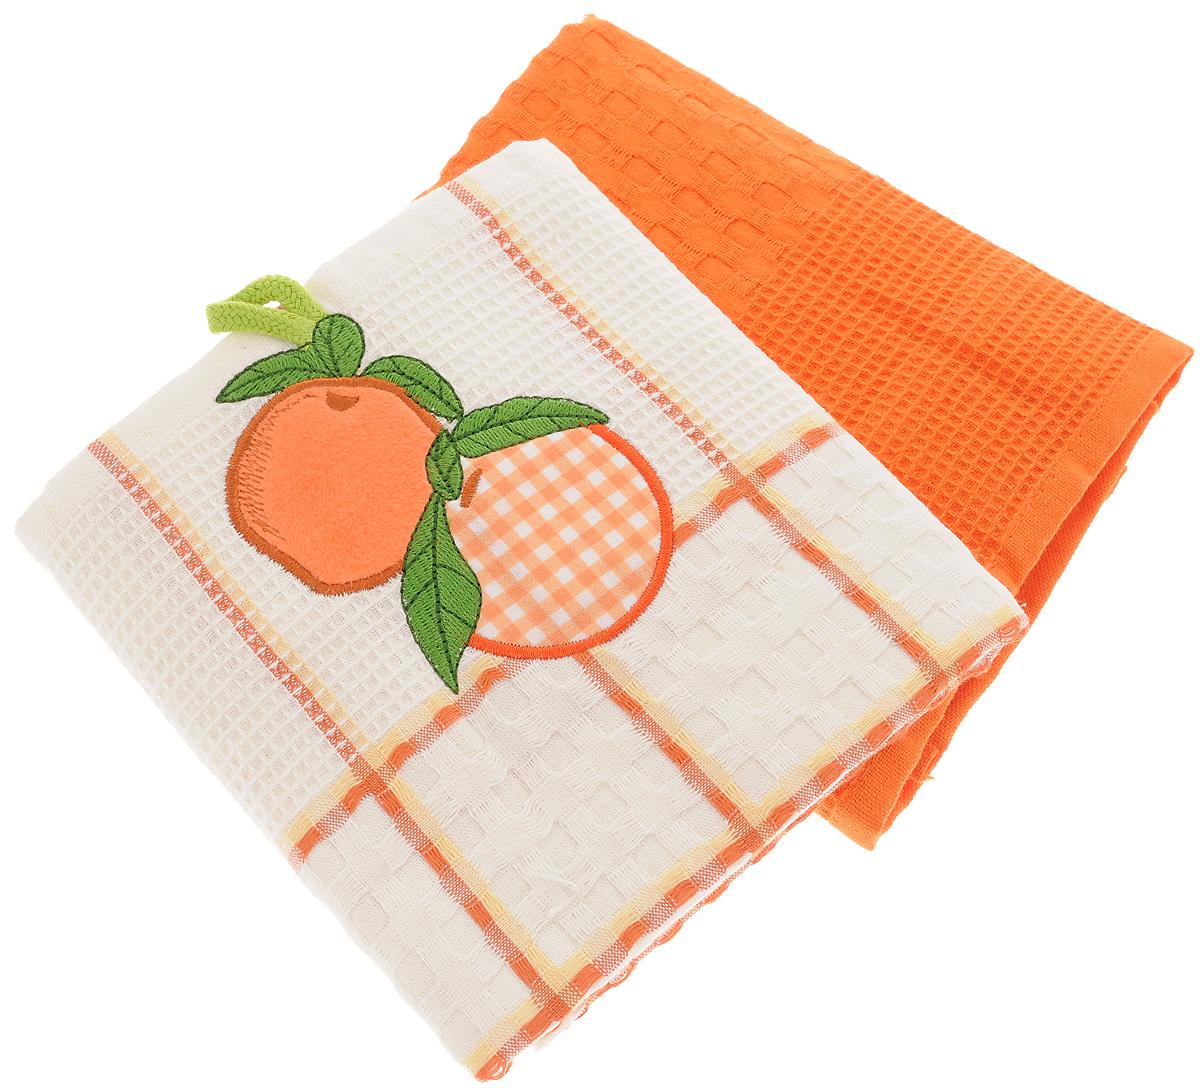 Набор кухонных полотенец Bonita Апельсин, цвет: белый, терракот, 45 х 70 см, 2 шт101310101Набор кухонных полотенец Bonita Апельсин состоит из двух полотенец, изготовленный из натурального хлопка, идеально дополнит интерьер вашей кухни и создаст атмосферу уюта и комфорта. Одно полотенце белого цвета в терракотовую клетку оформлено вышивкой в виде апельсинов и оснащено петелькой. Другое полотенце однотонное терракотового цвета без вышивки. Изделия выполнены из натурального материала, поэтому являются экологически чистыми. Высочайшее качество материала гарантирует безопасность не только взрослых, но и самых маленьких членов семьи. Современный декоративный текстиль для дома должен быть экологически чистым продуктом и отличаться ярким и современным дизайном.